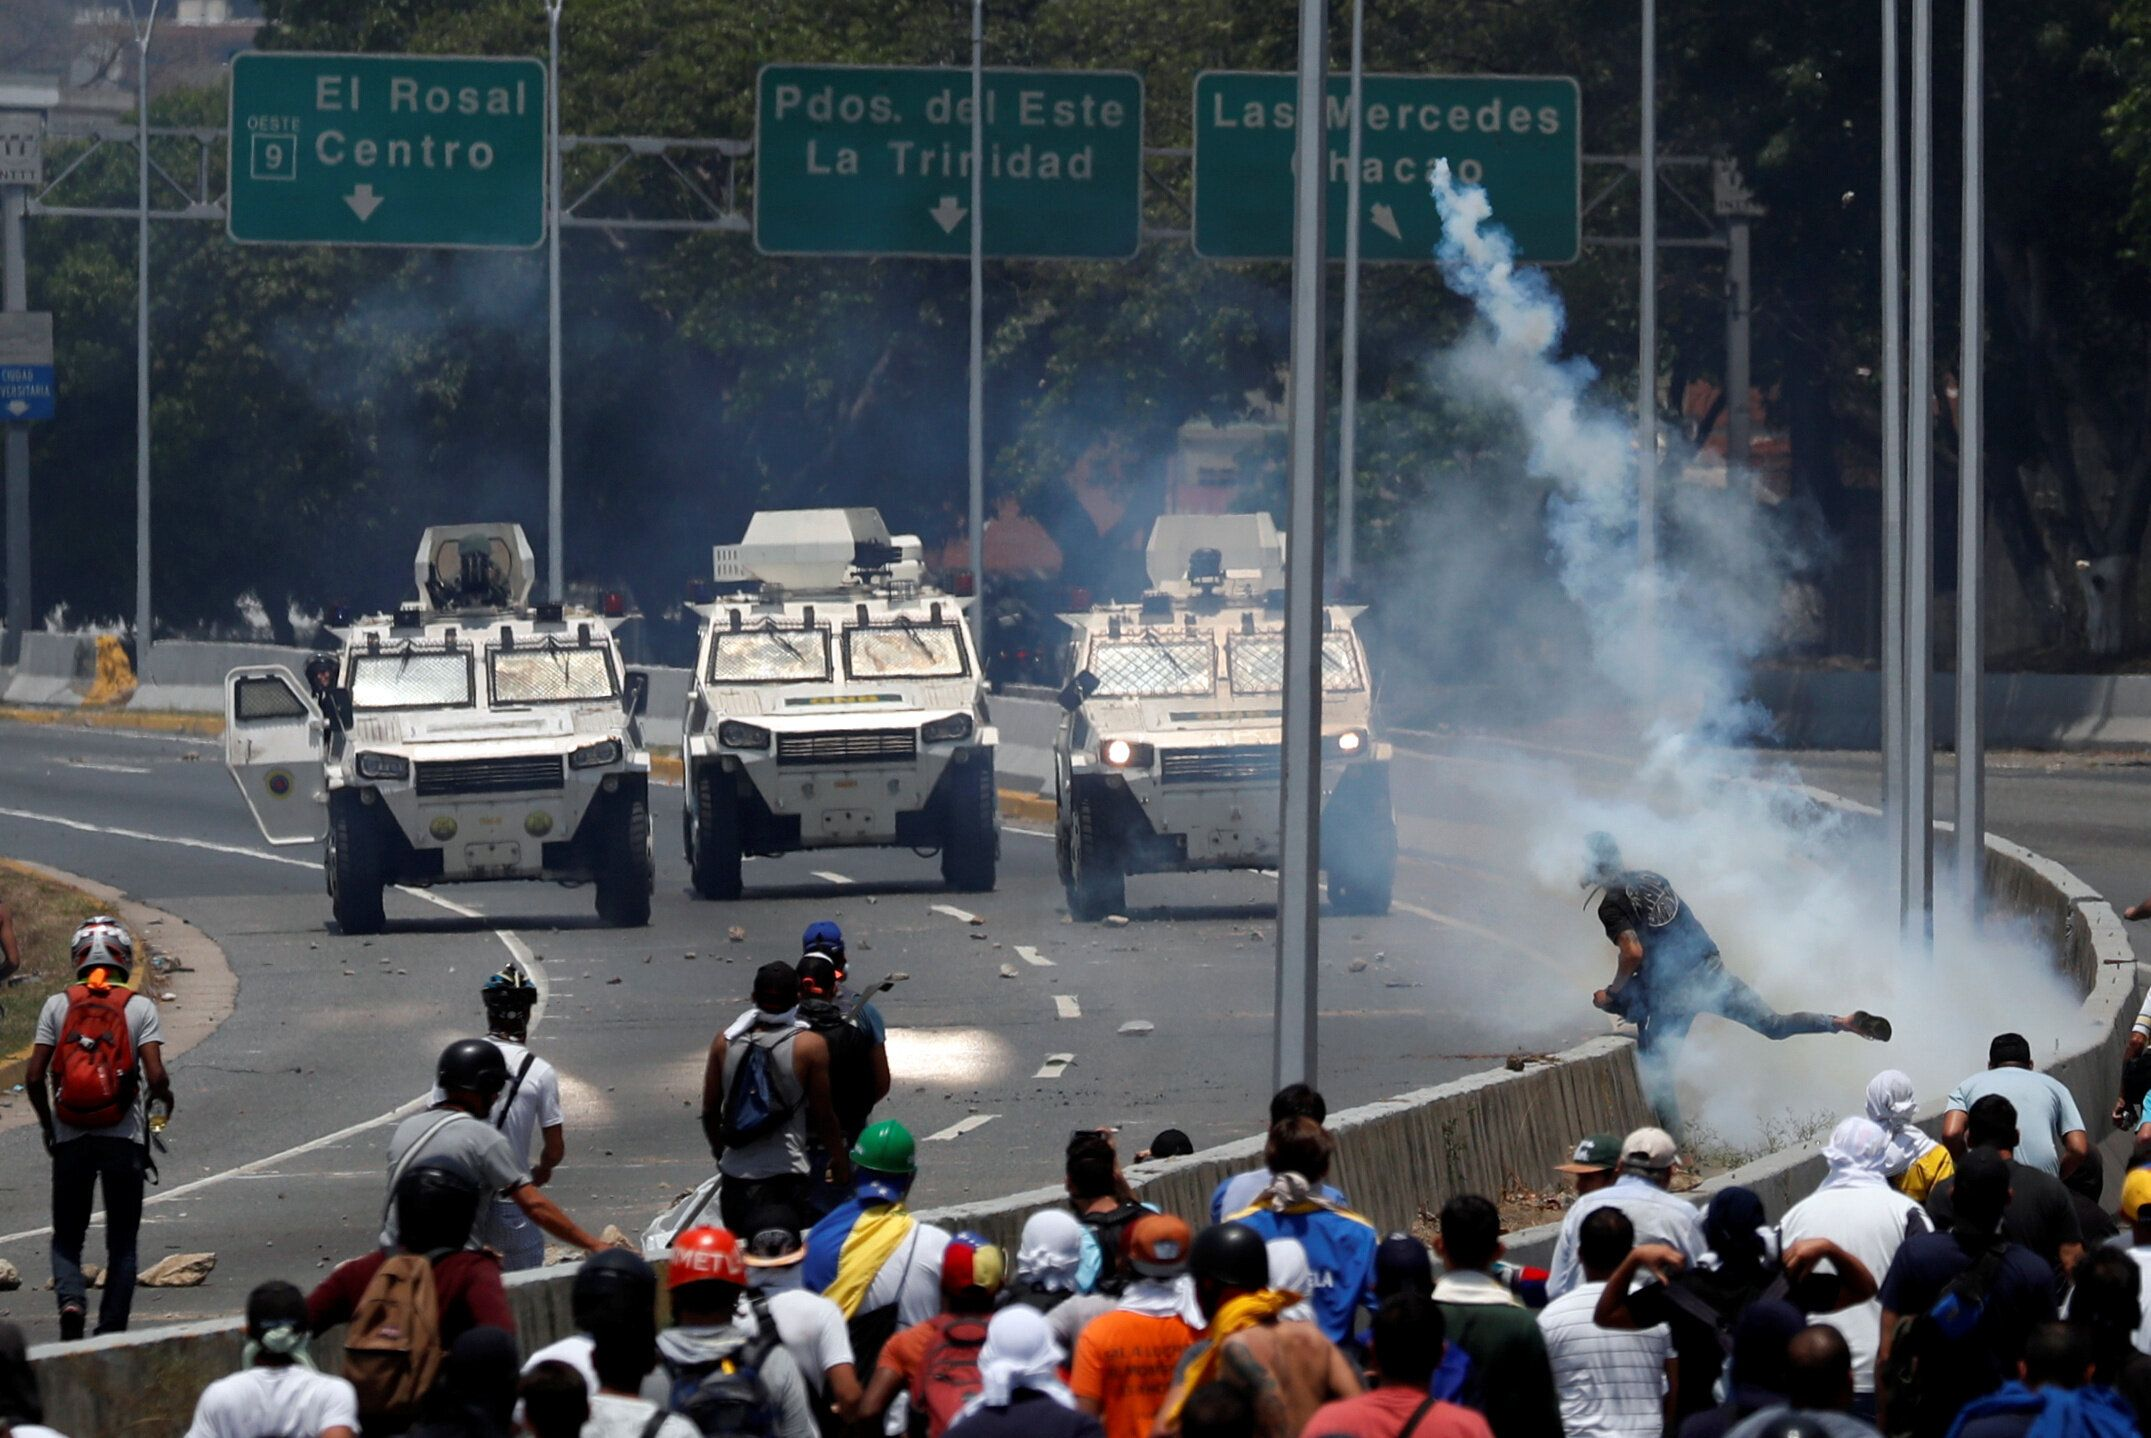 Governos e órgãos internacionais repercutem dia de violência na